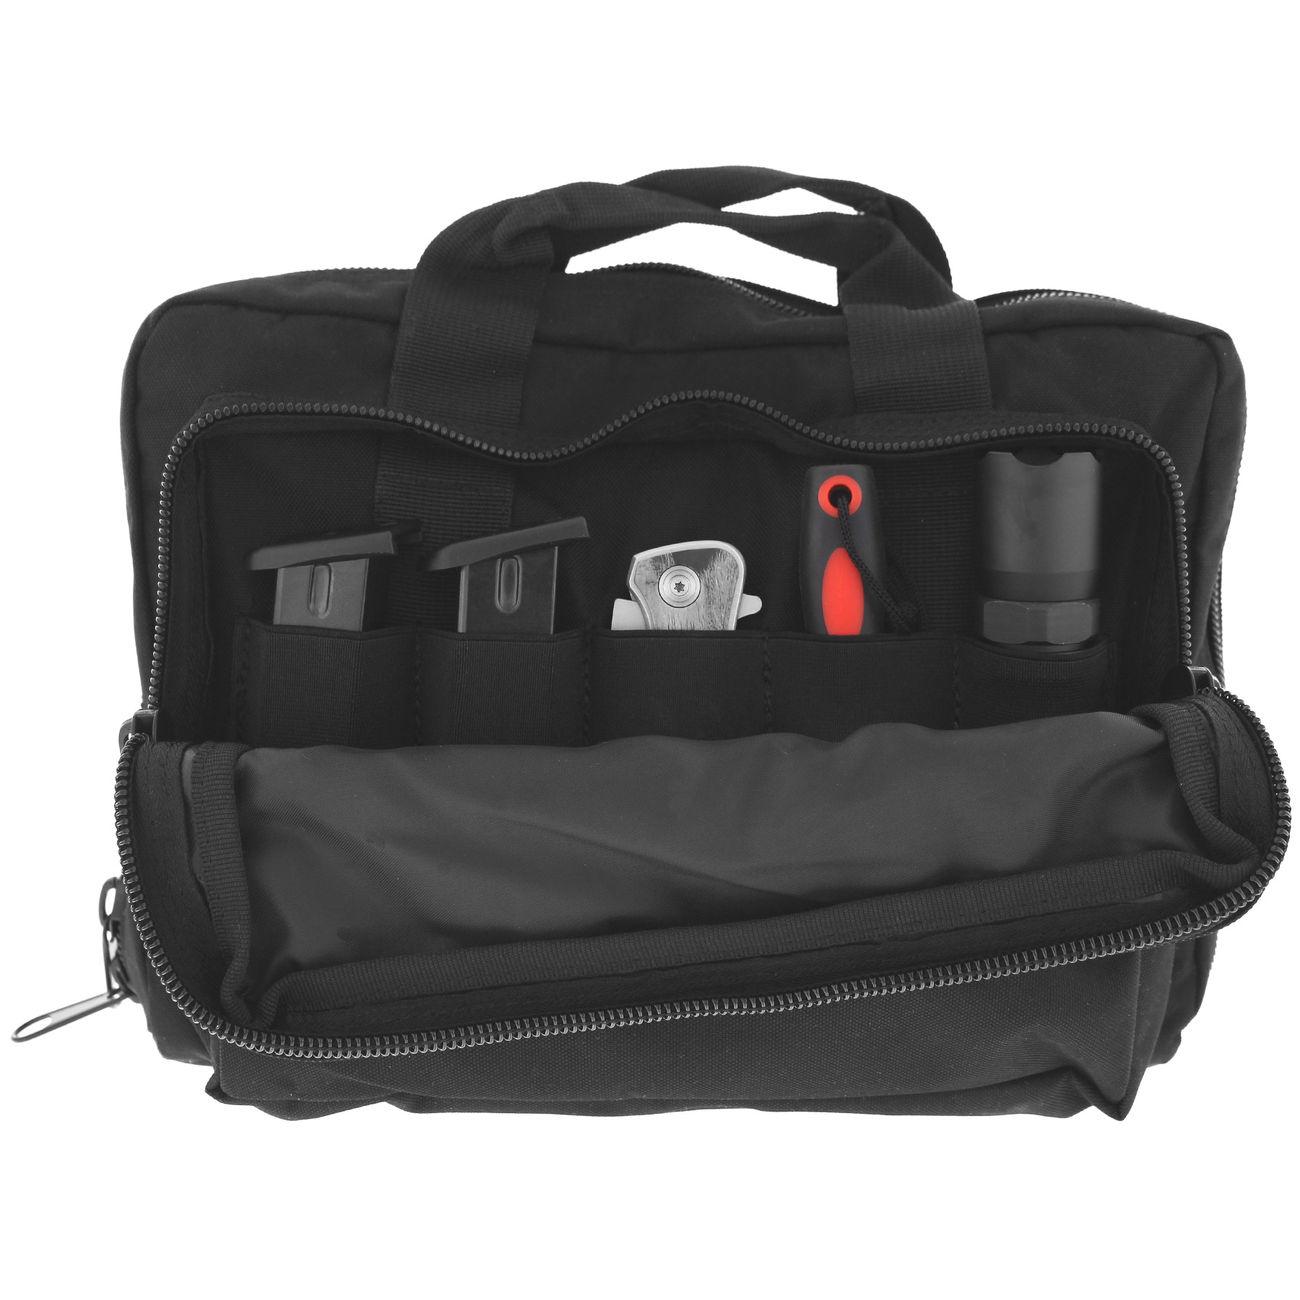 coptex doppel pistolentasche f r zwei waffen mit au entasche schwarz kotte zeller. Black Bedroom Furniture Sets. Home Design Ideas